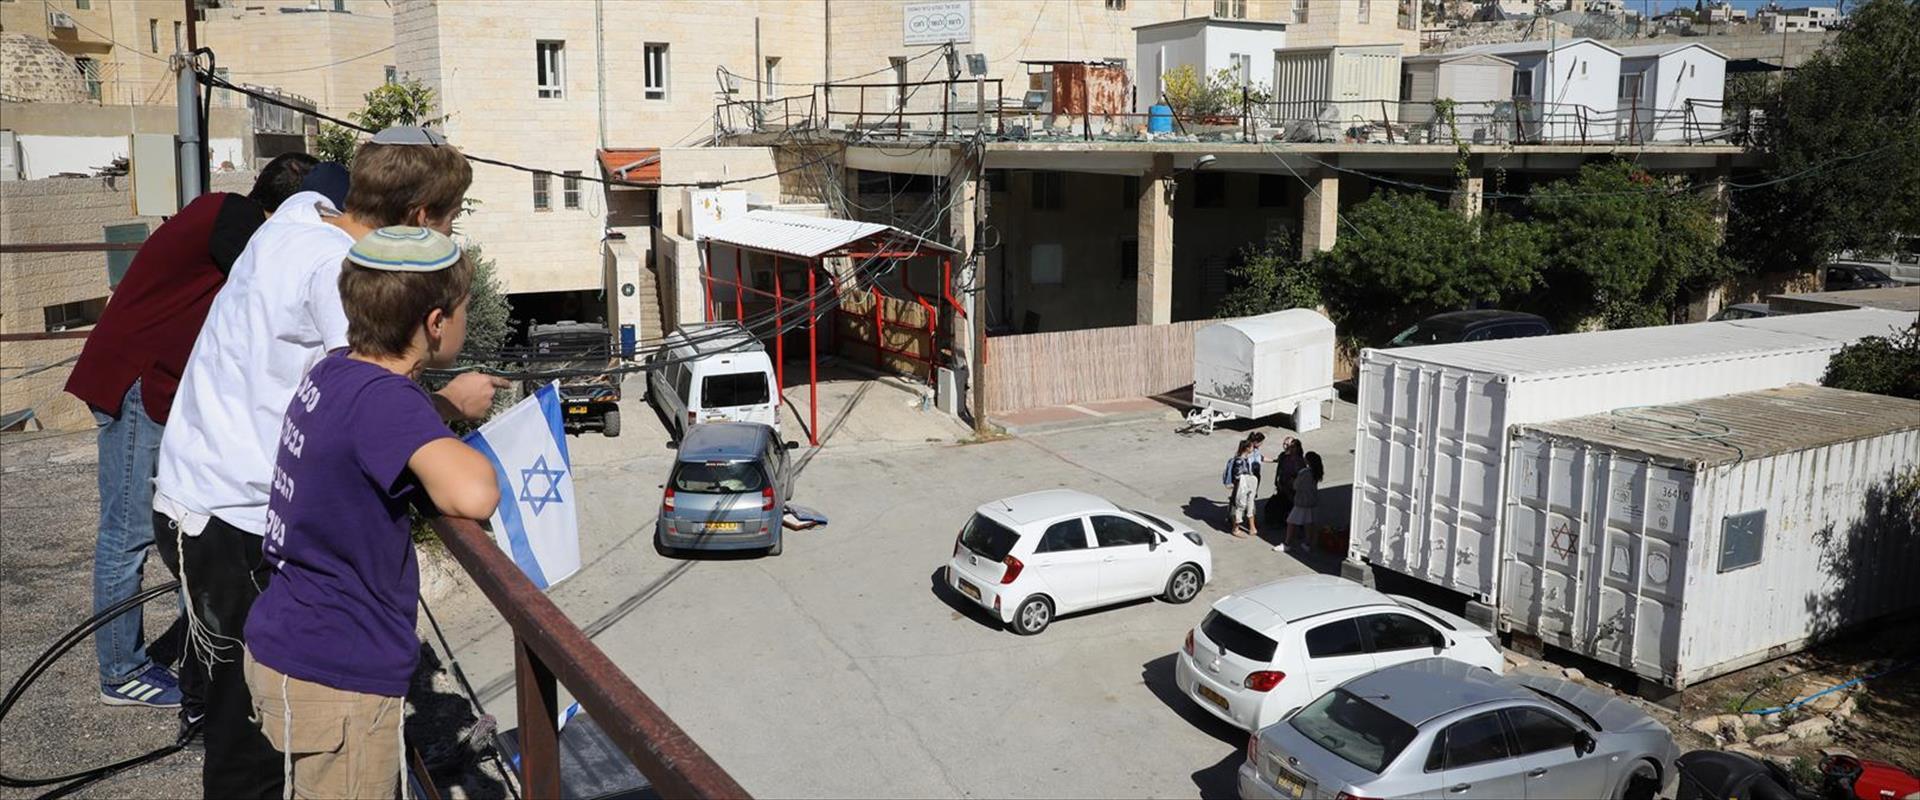 אזור השוק הסיטונאי במרכז חברון